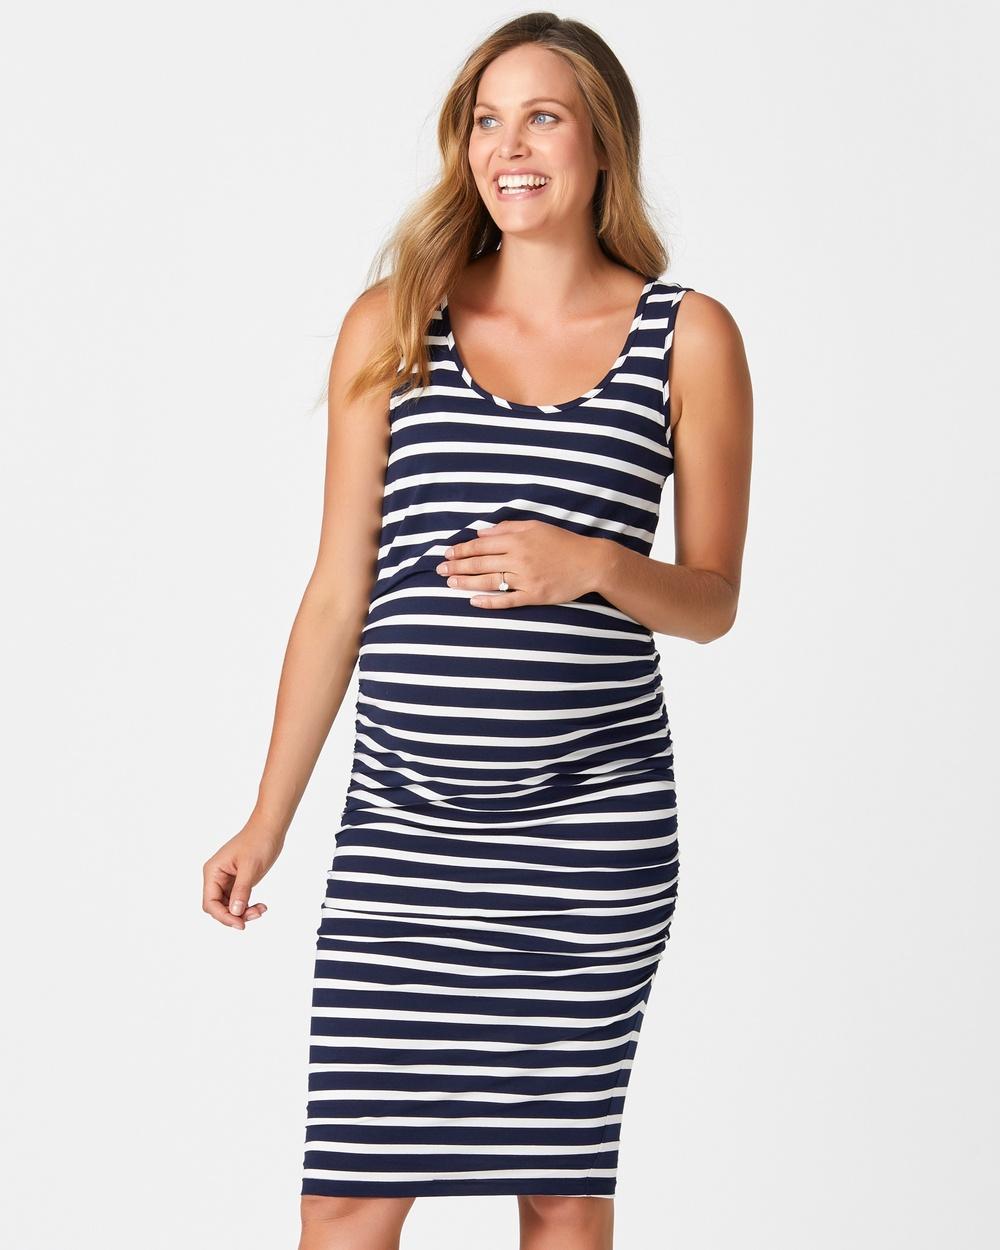 Pea in a Pod Maternity Becky Gather Nursing Dress Bodycon Dresses Navy Stripe Becky Gather Nursing Dress